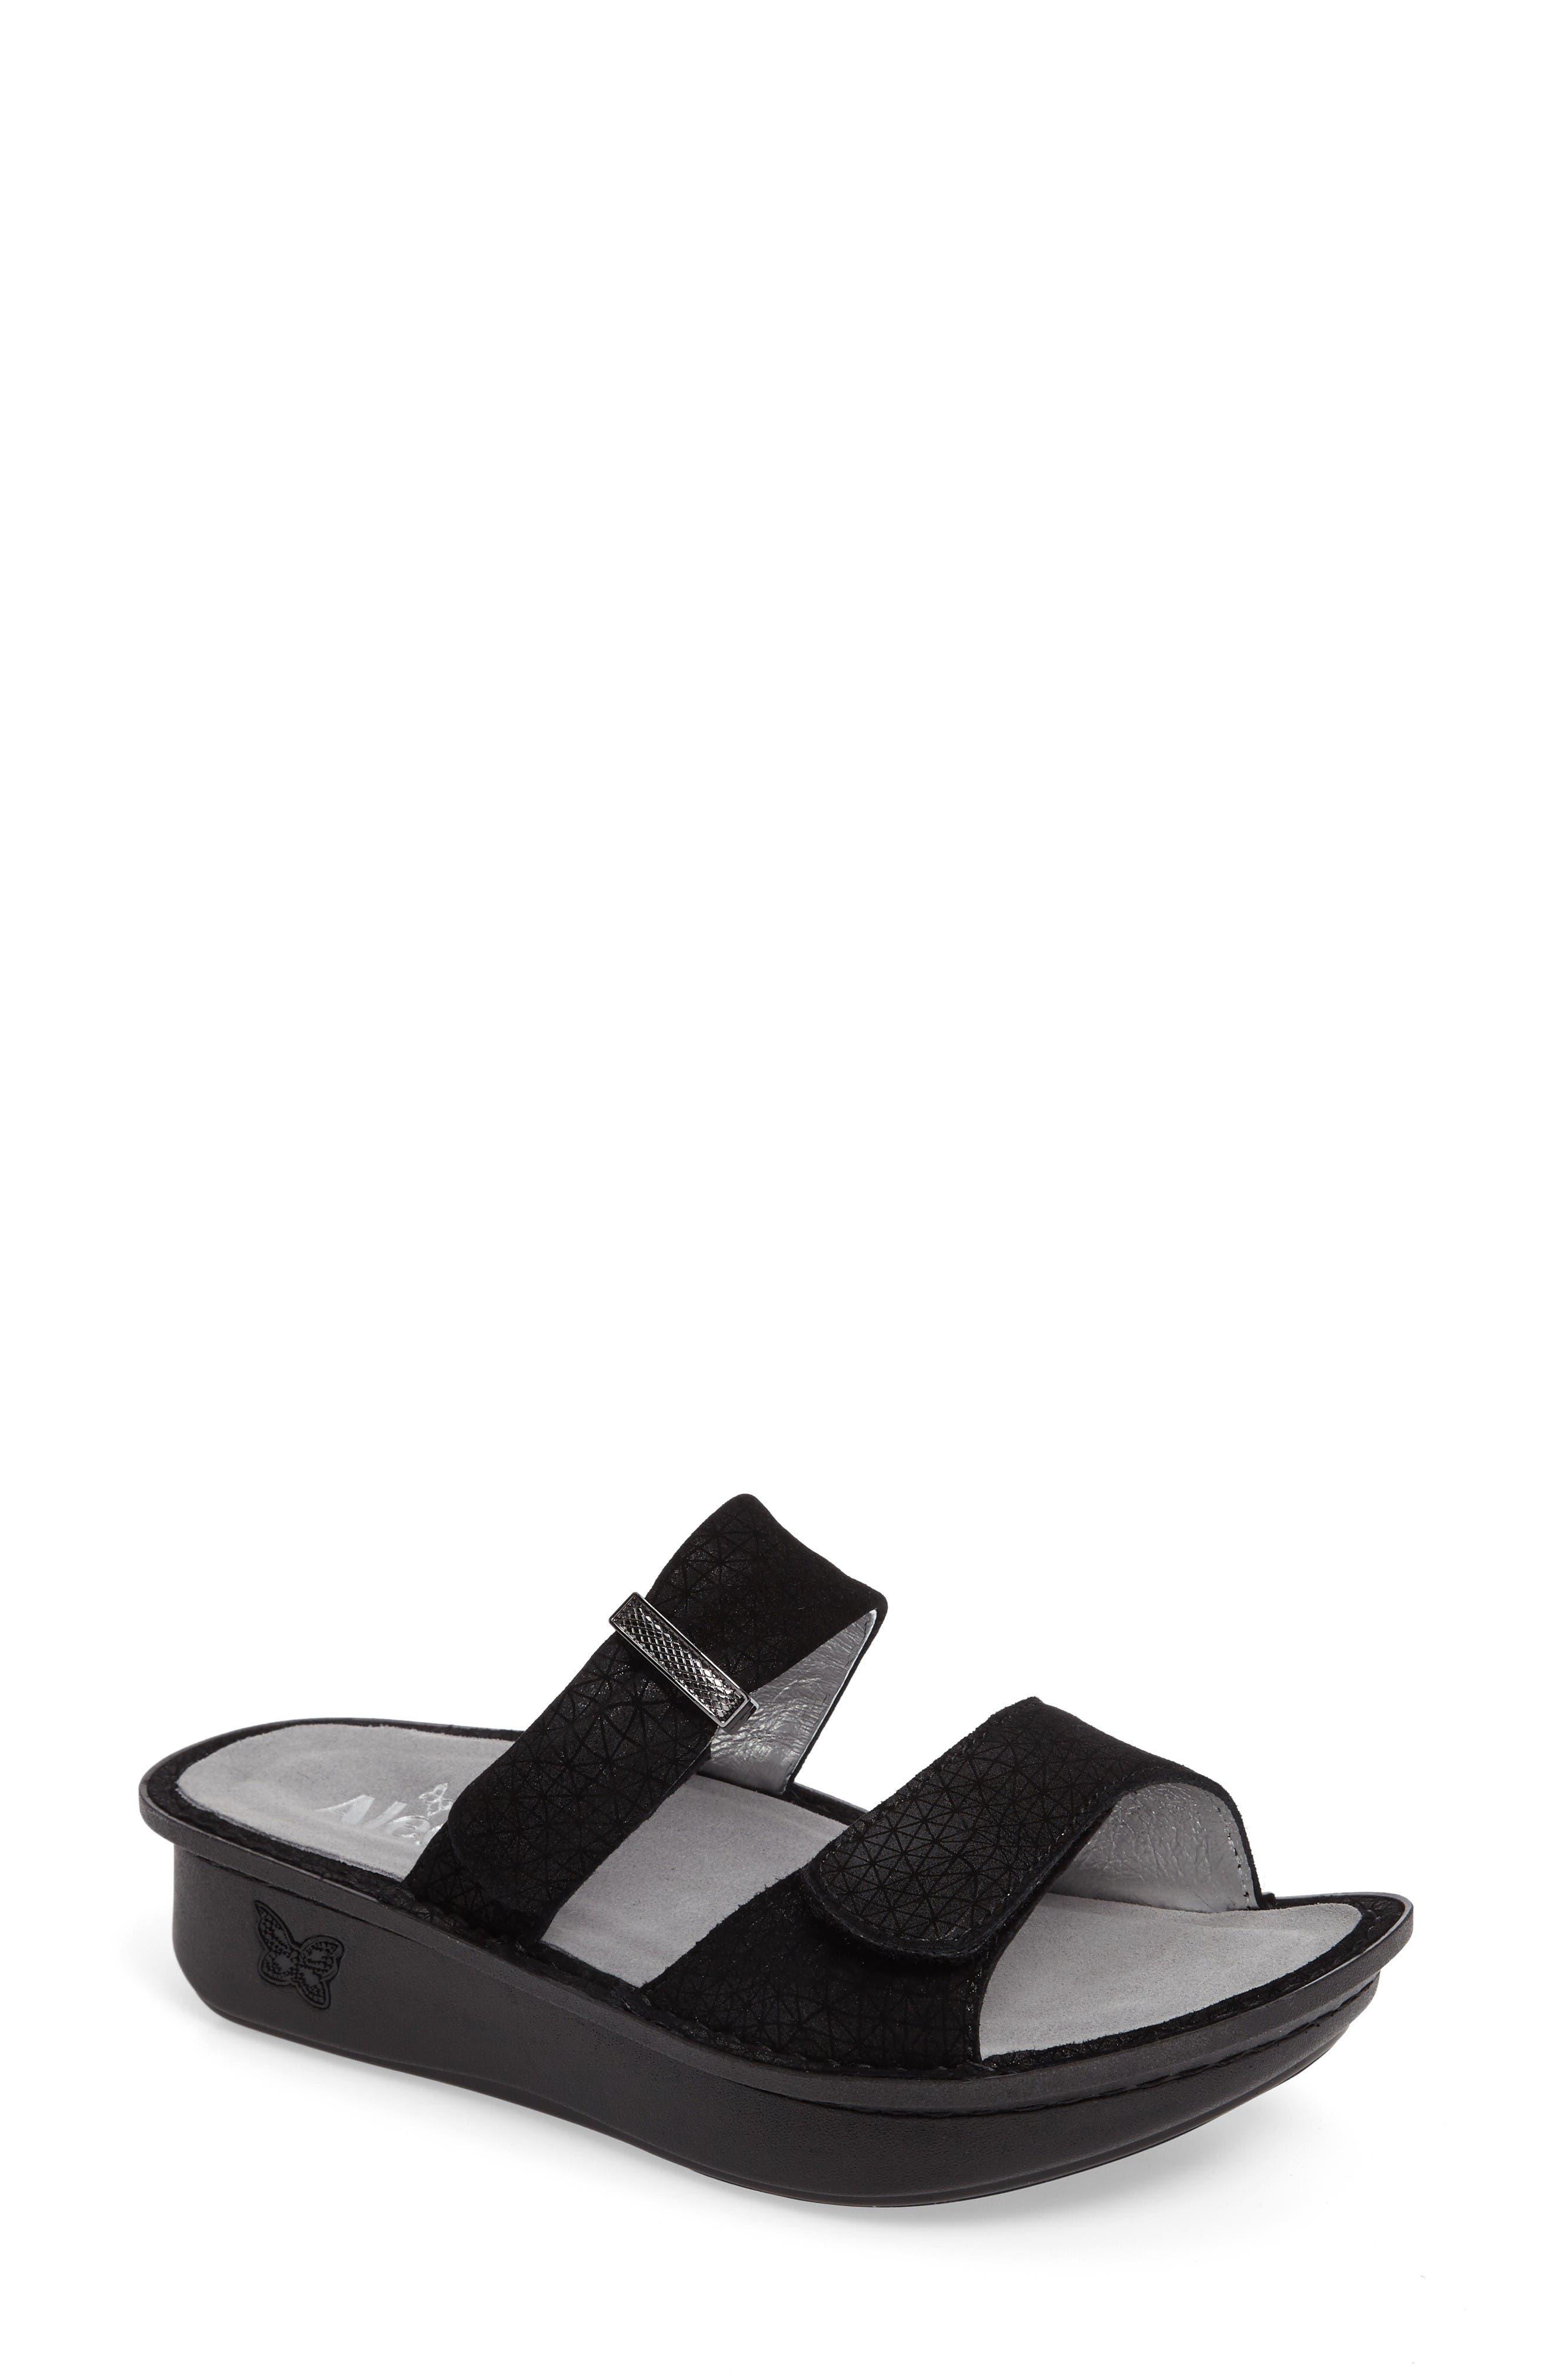 Main Image - Alegria 'Karmen' Sandal